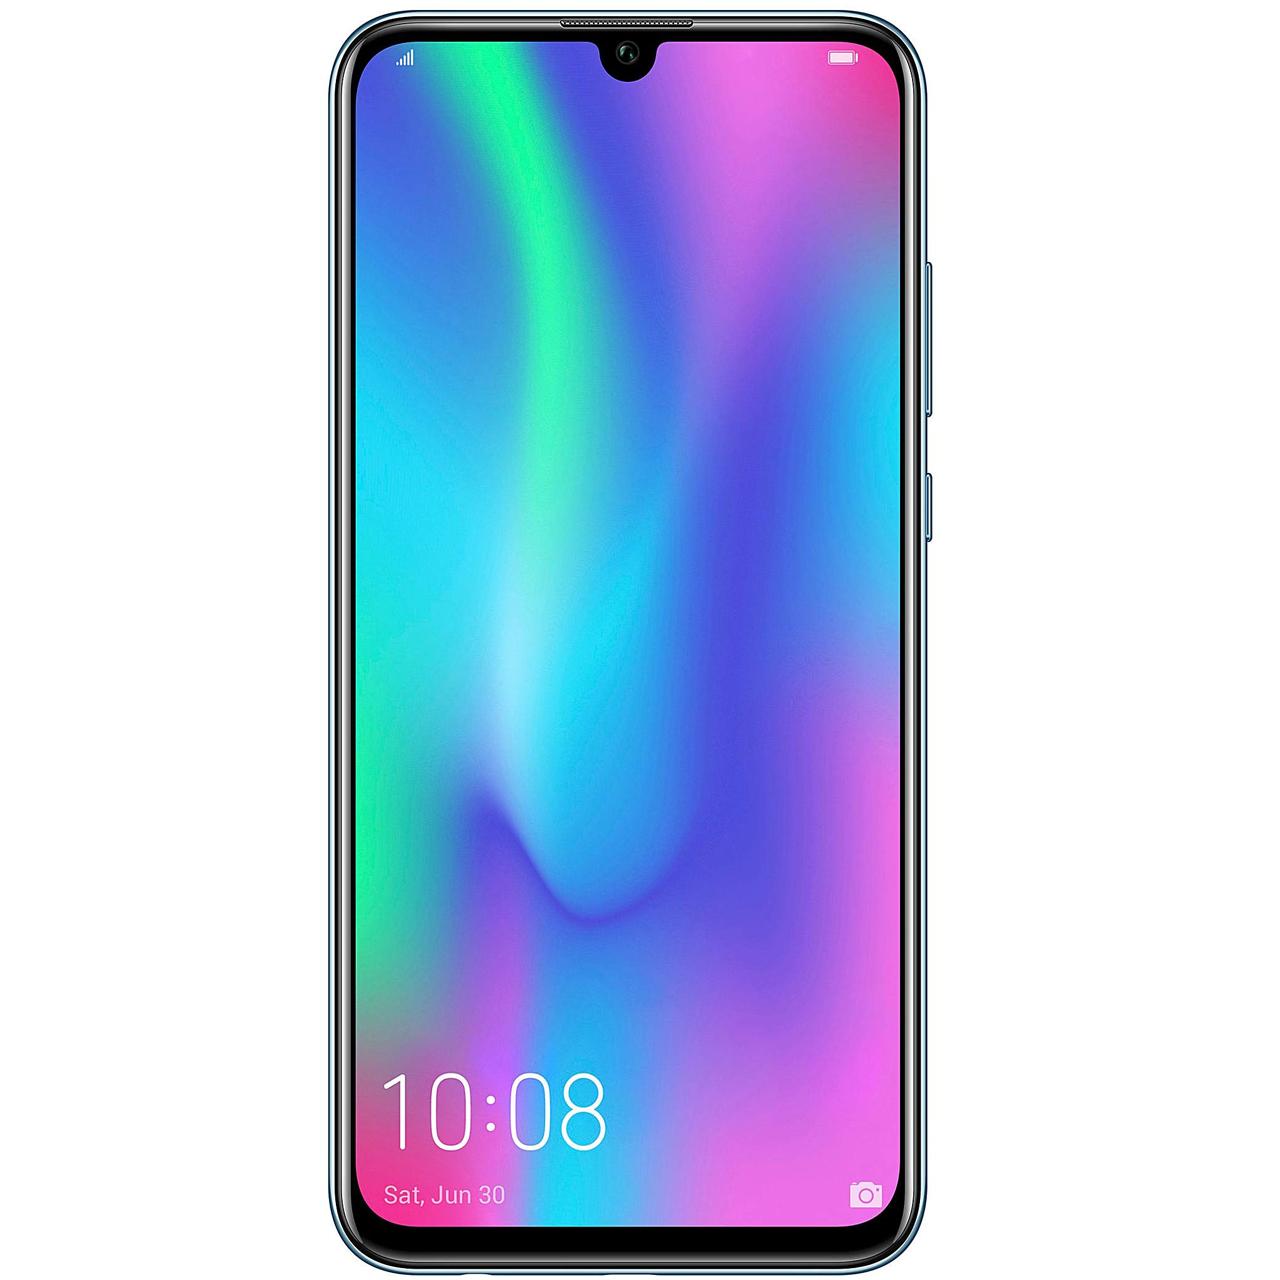 گوشی موبایل آنر مدل 10 Lite HRY-LX1 دو سیم کارت ظرفیت 128 گیگابایت - طرح قیمت شگفت انگیز